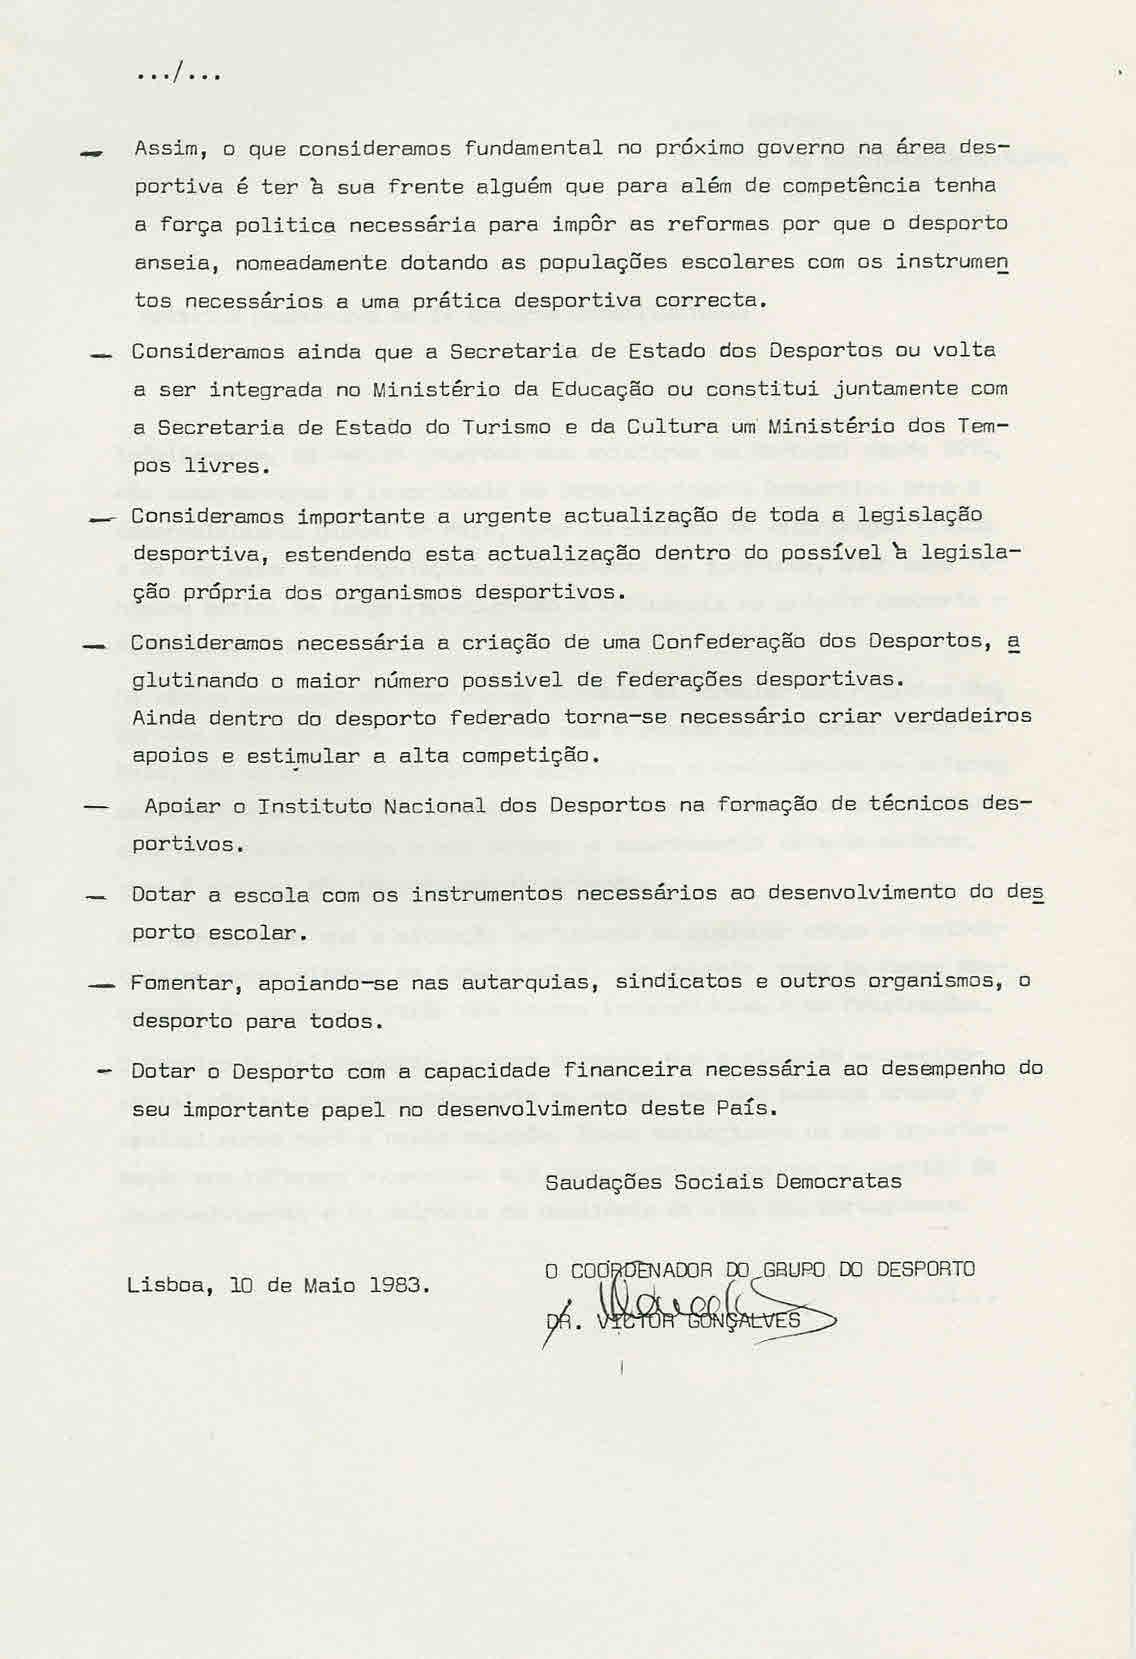 POLITICA_DESPORTIVAdoIX_GOVERNO_CONSTITUCIONAL (2)